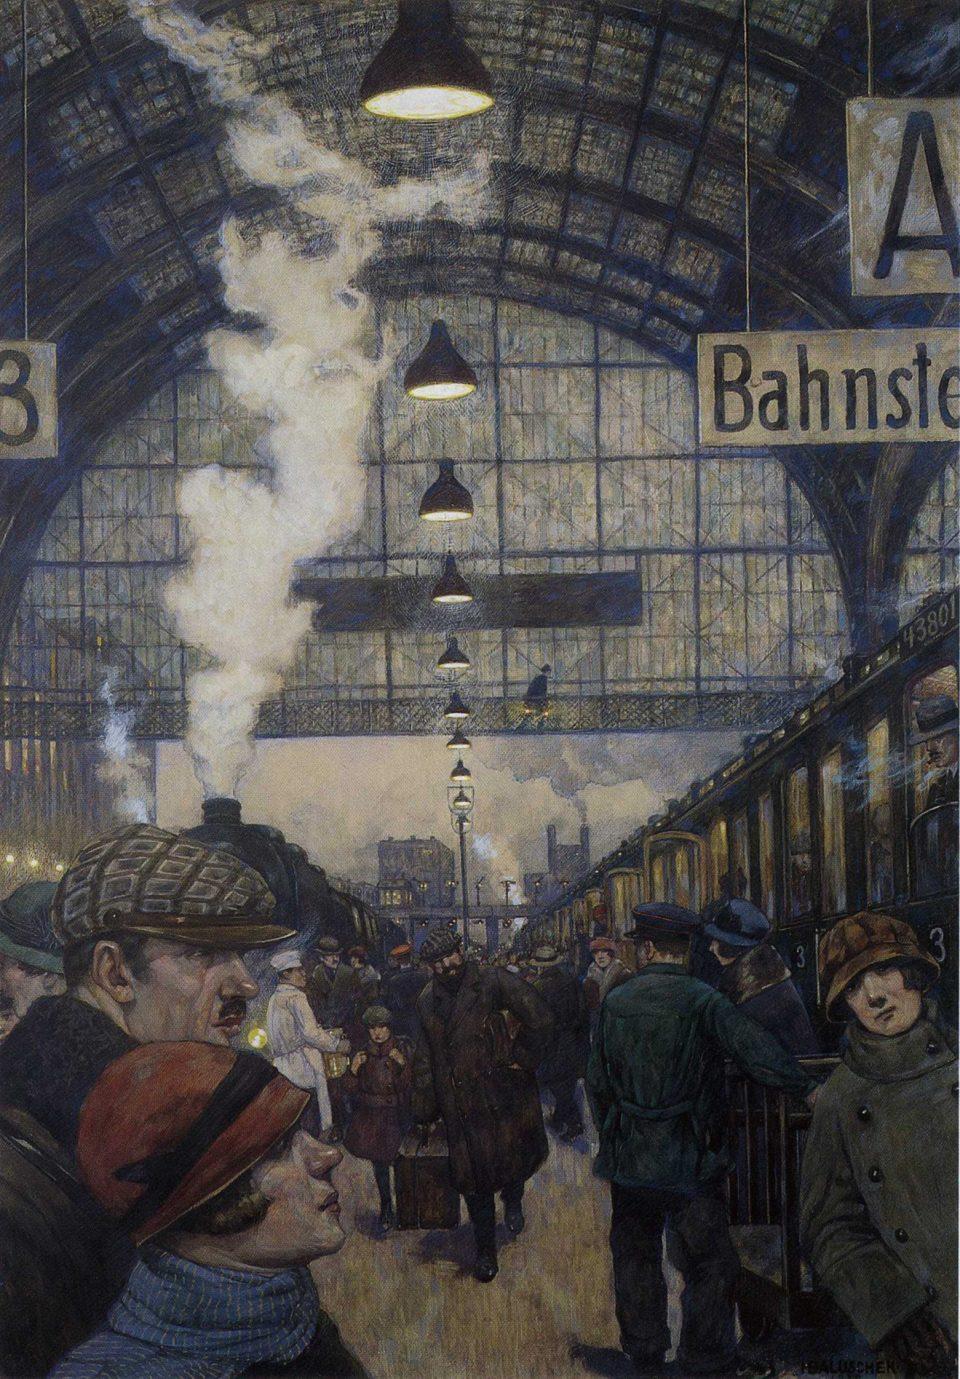 6_Railway Station by Hans_Baluschek